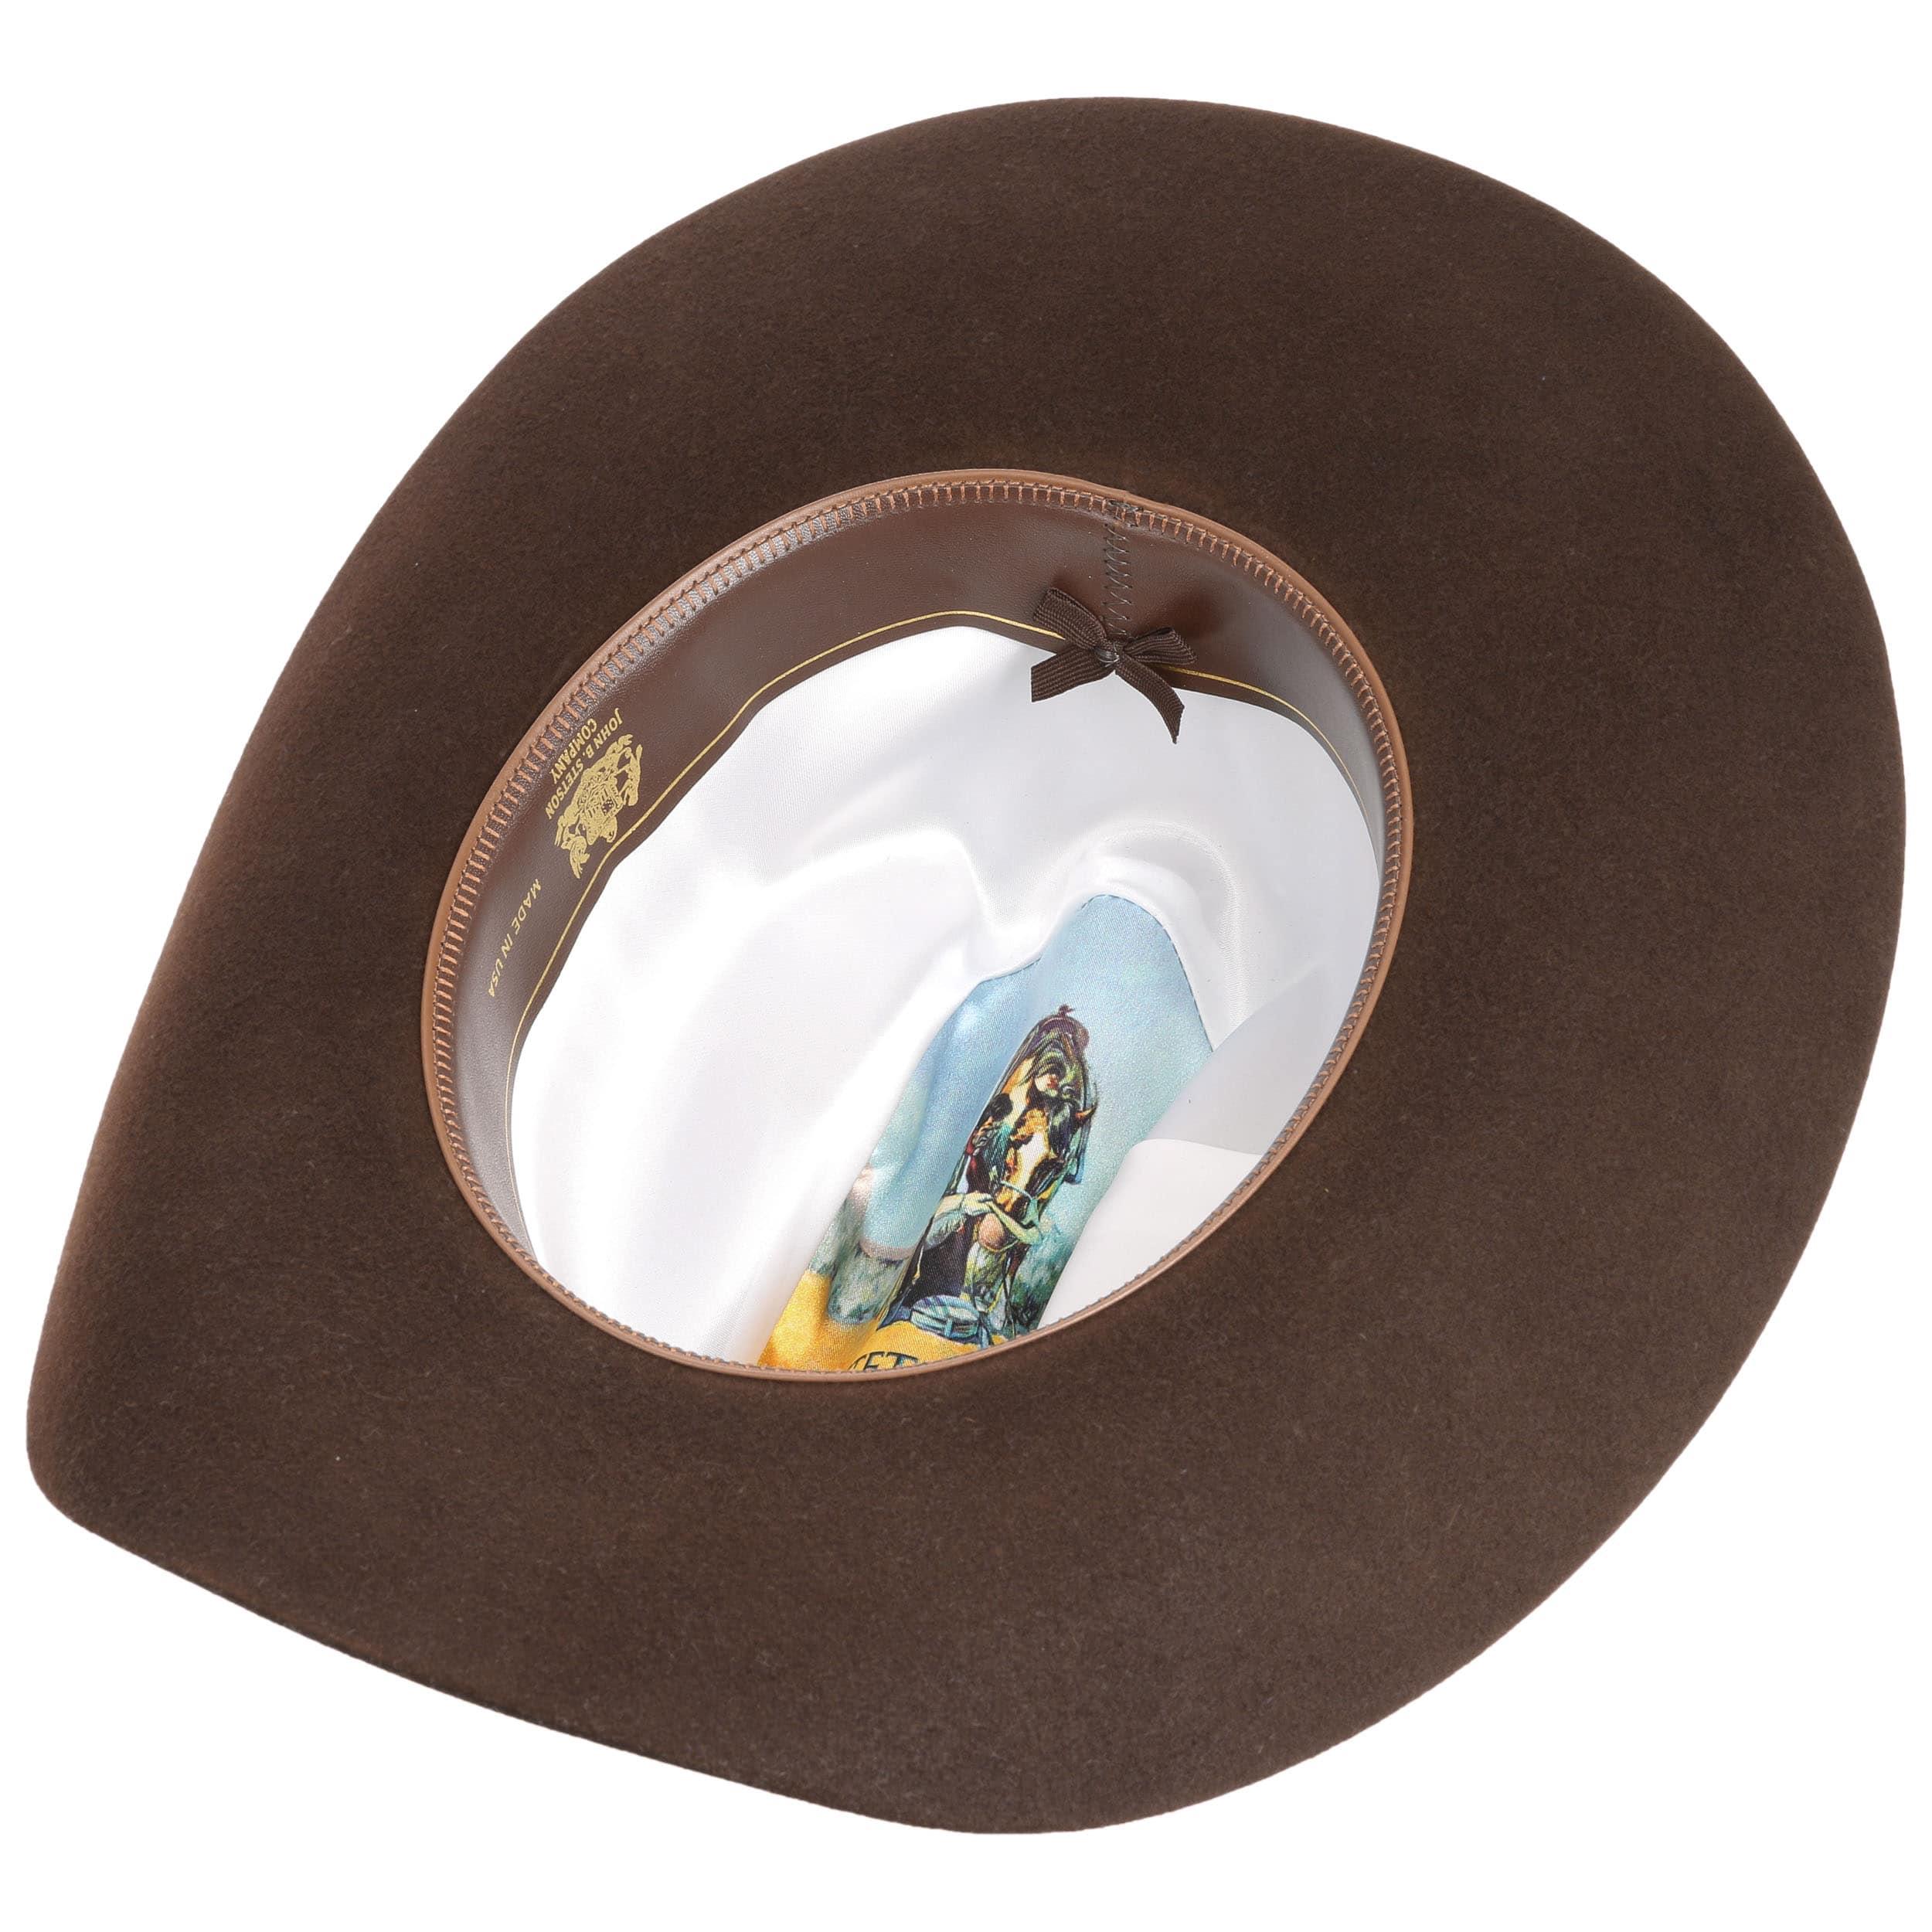 ... Cappello da Cowboy Lariat 5X by Stetson - marrone scuro 2 ... fa2030a26b1